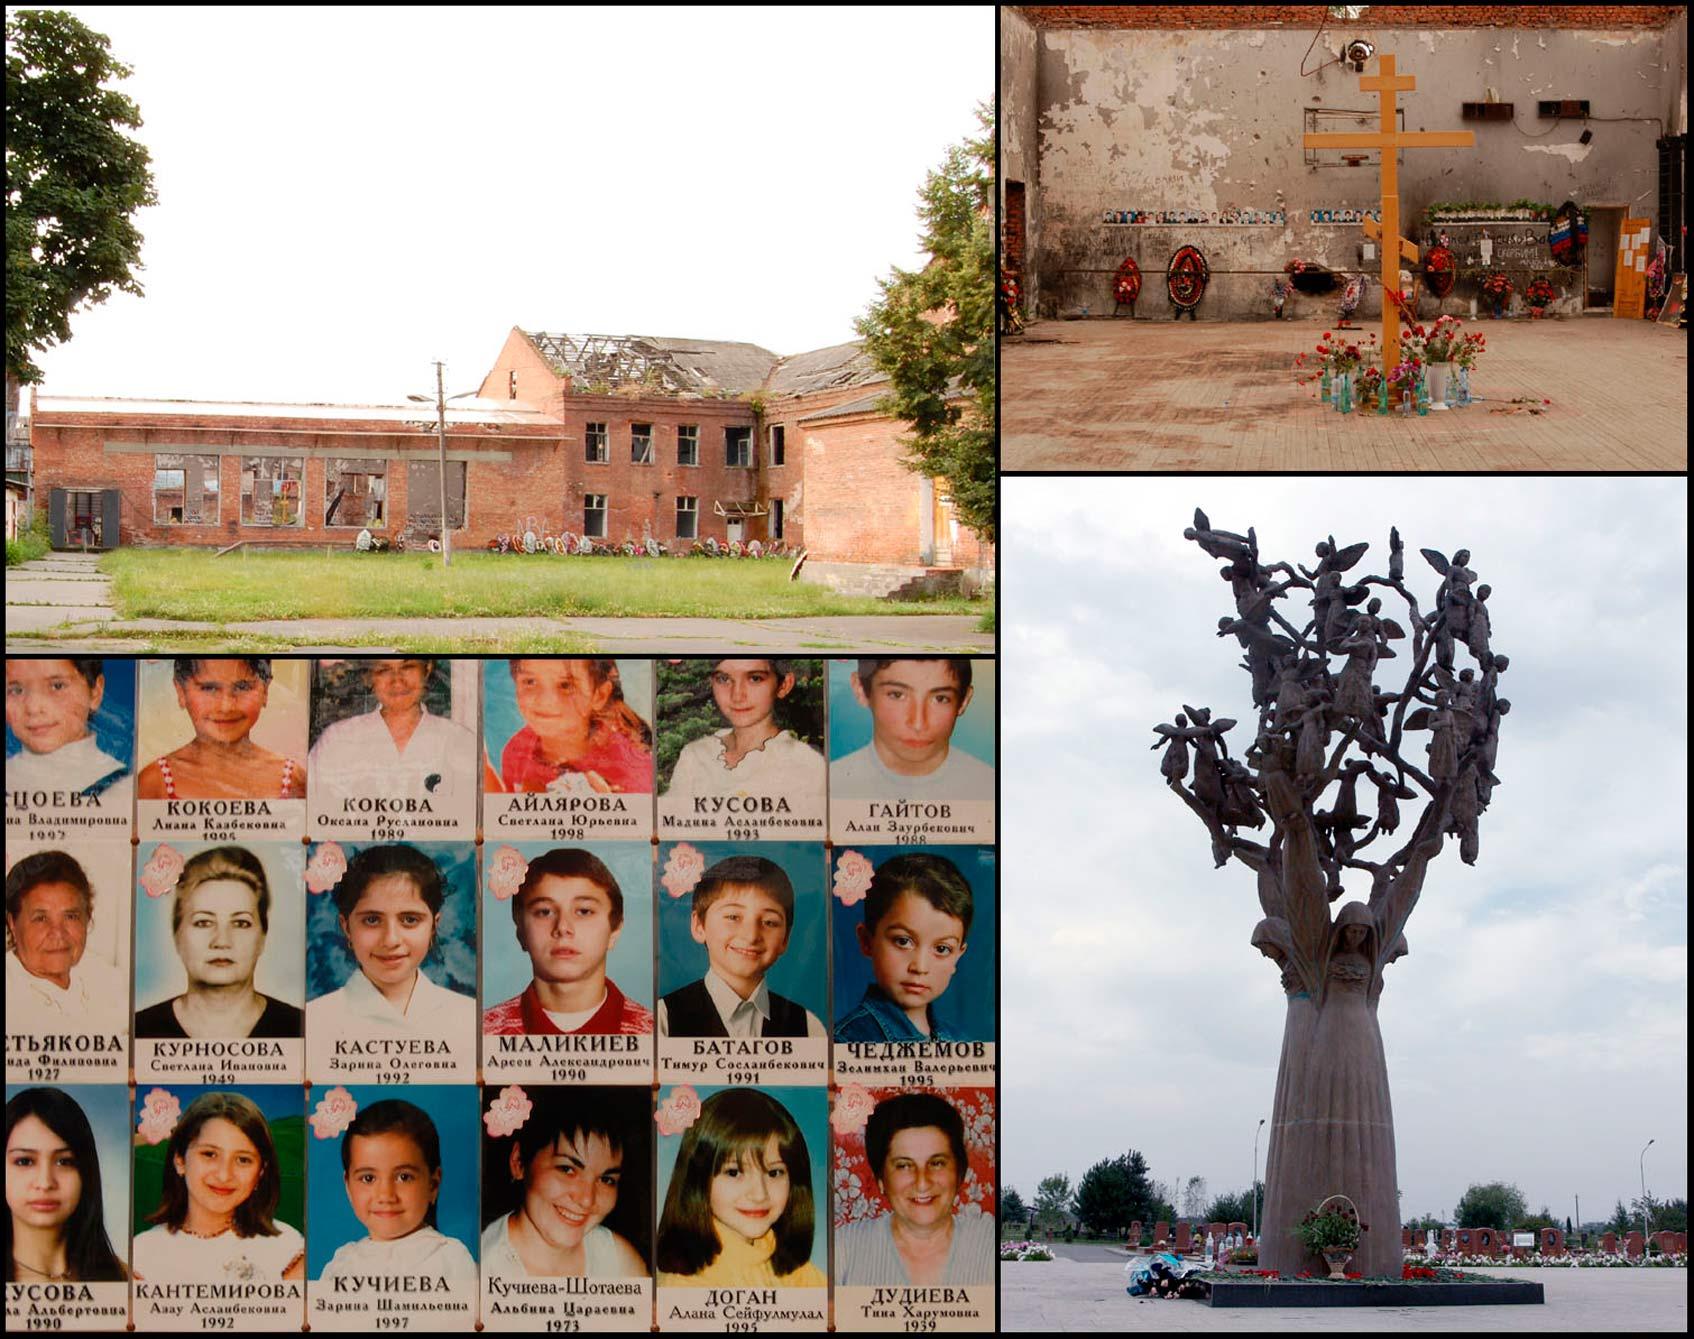 Фото погибших заложников в спортзале школы № 1 г. Беслана.